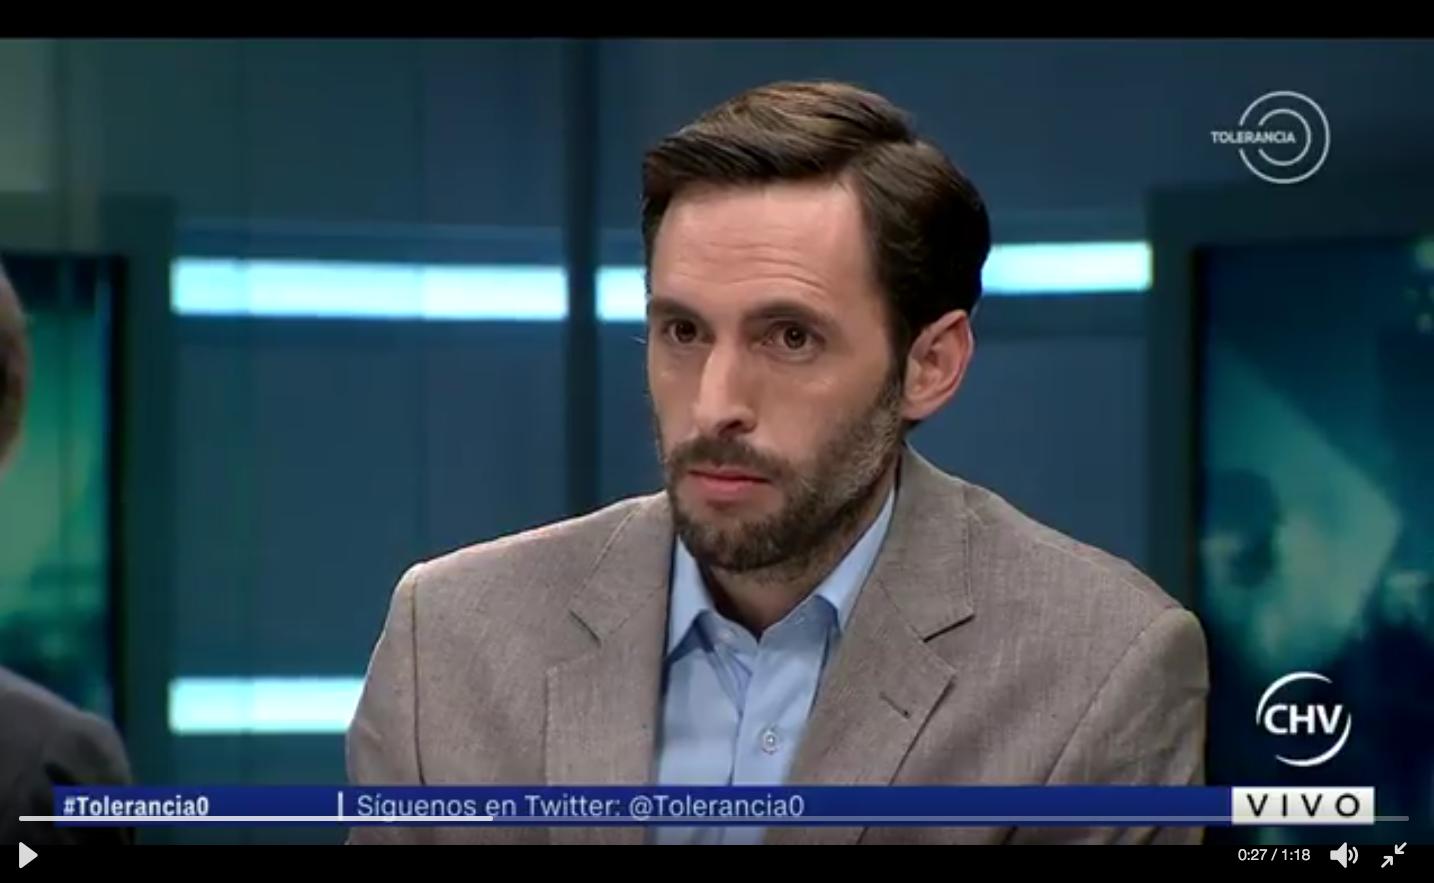 El desafío de Daniel Matamala a Chadwick por cuestionar entrevista a Piñera en Tolerancia 0